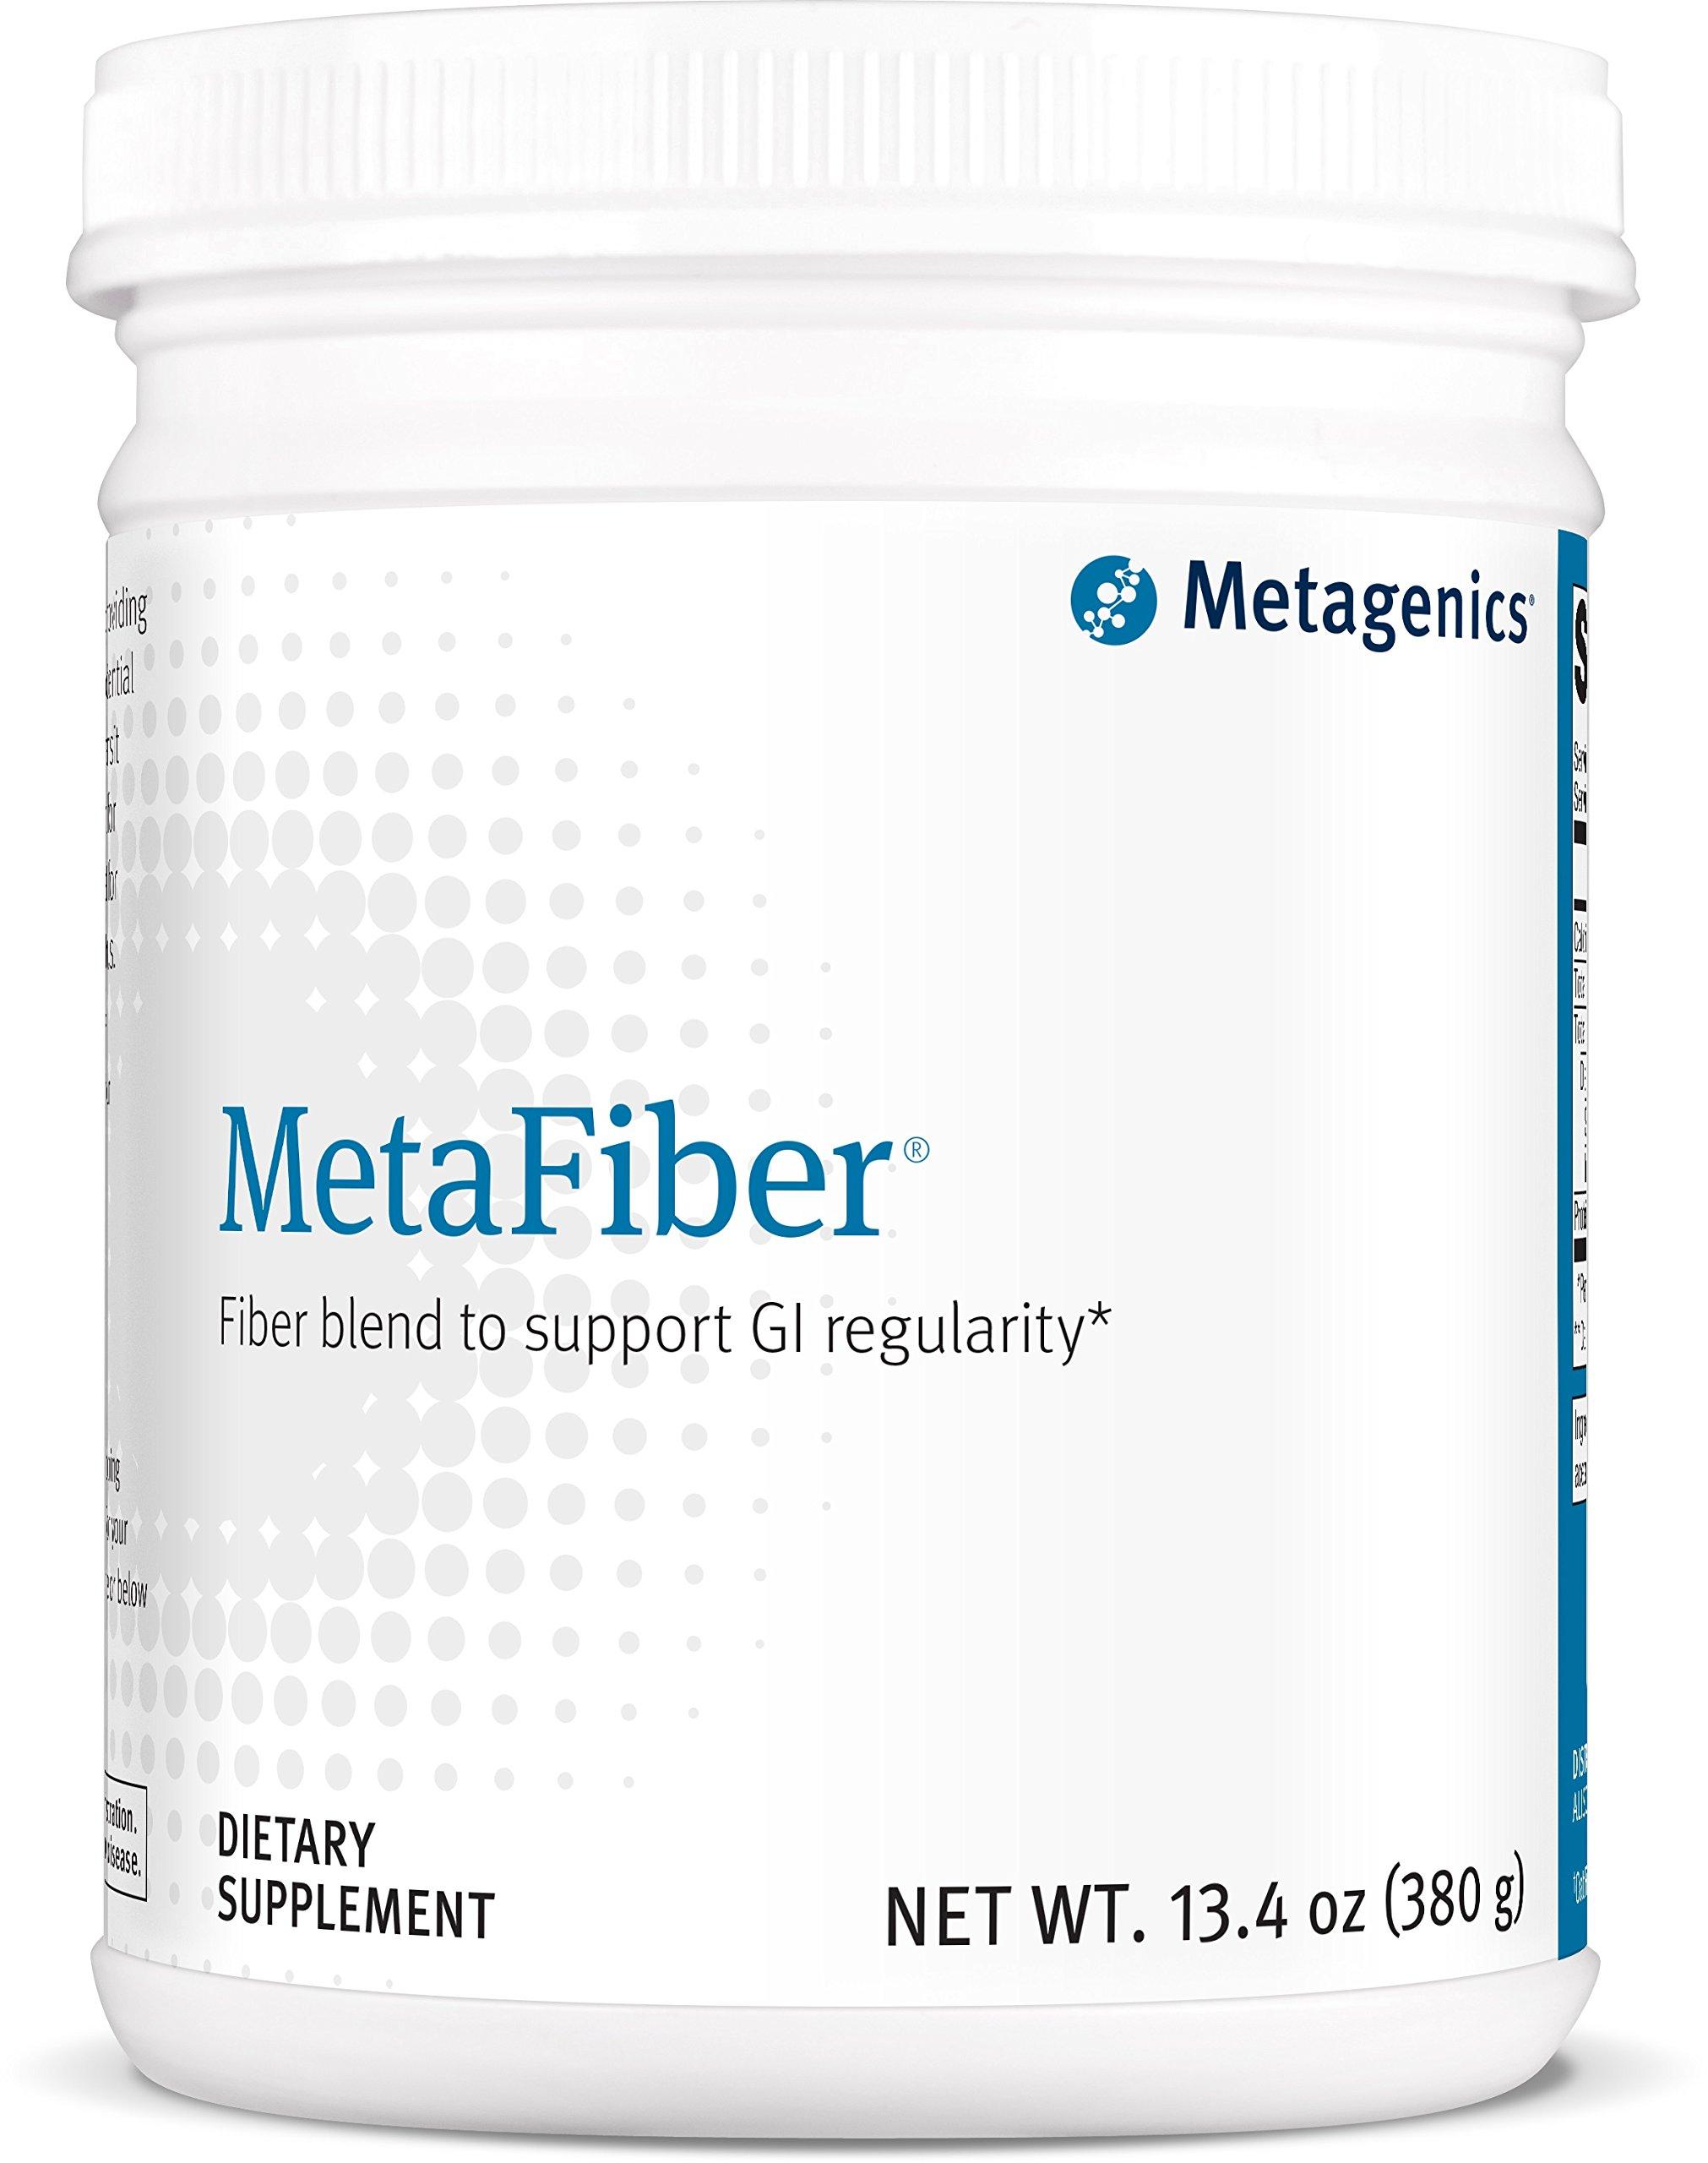 Metagenics - MetaFiber, 12.73 Ounce